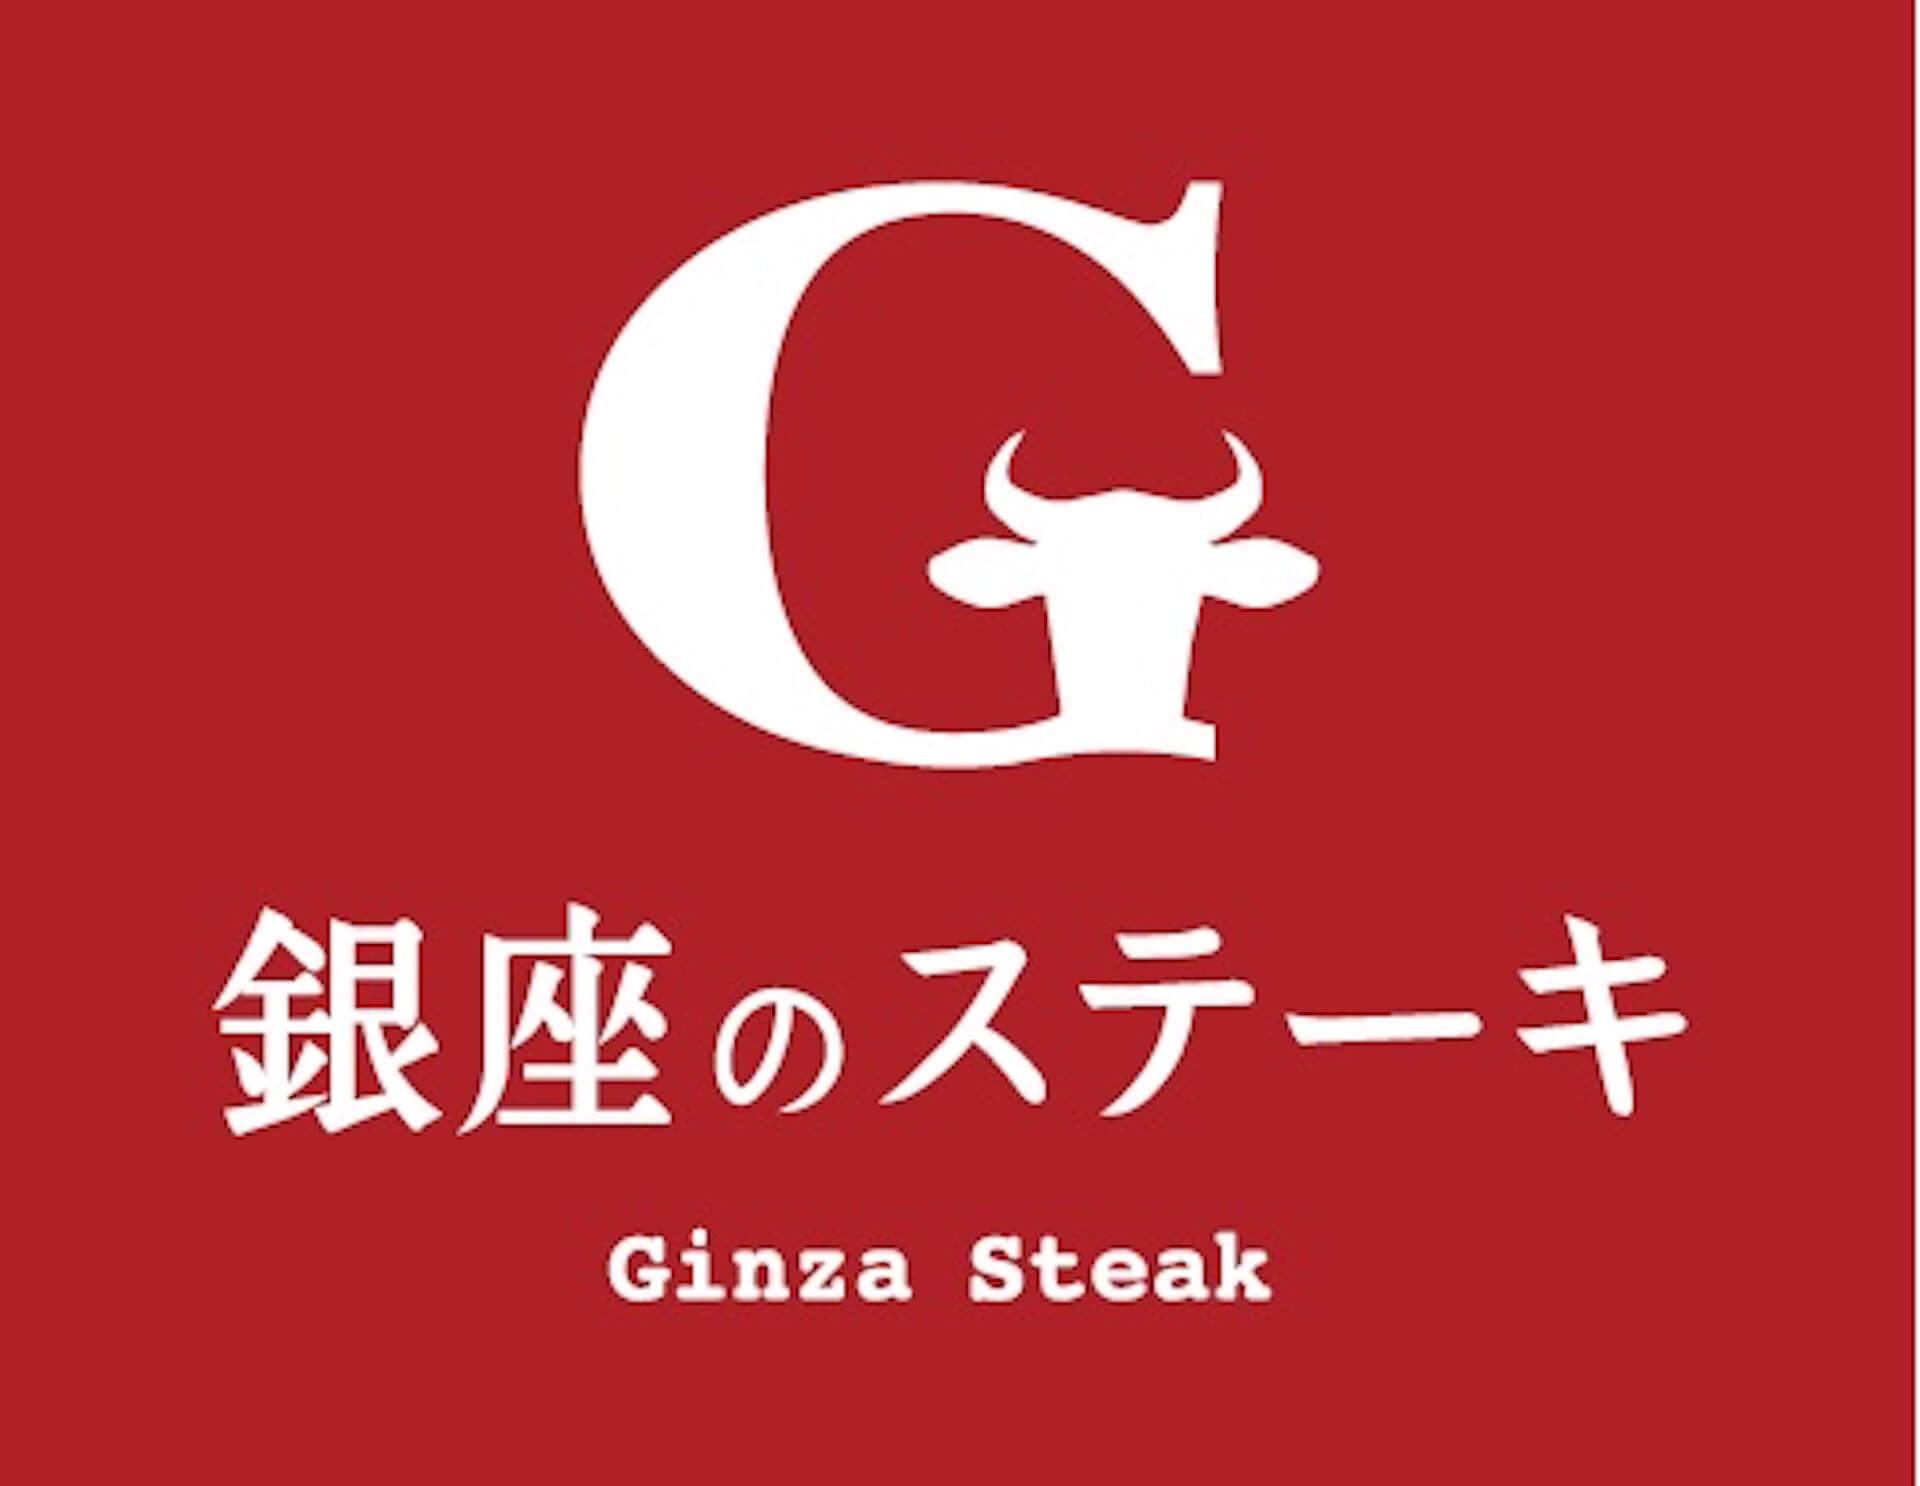 食べ放題で最高級A5ランク黒毛和牛を堪能しよう!人気高級鉄板焼店・銀座のステーキが渋谷にNEWオープン gourmet200716_ginzanosteak_shibuya_03